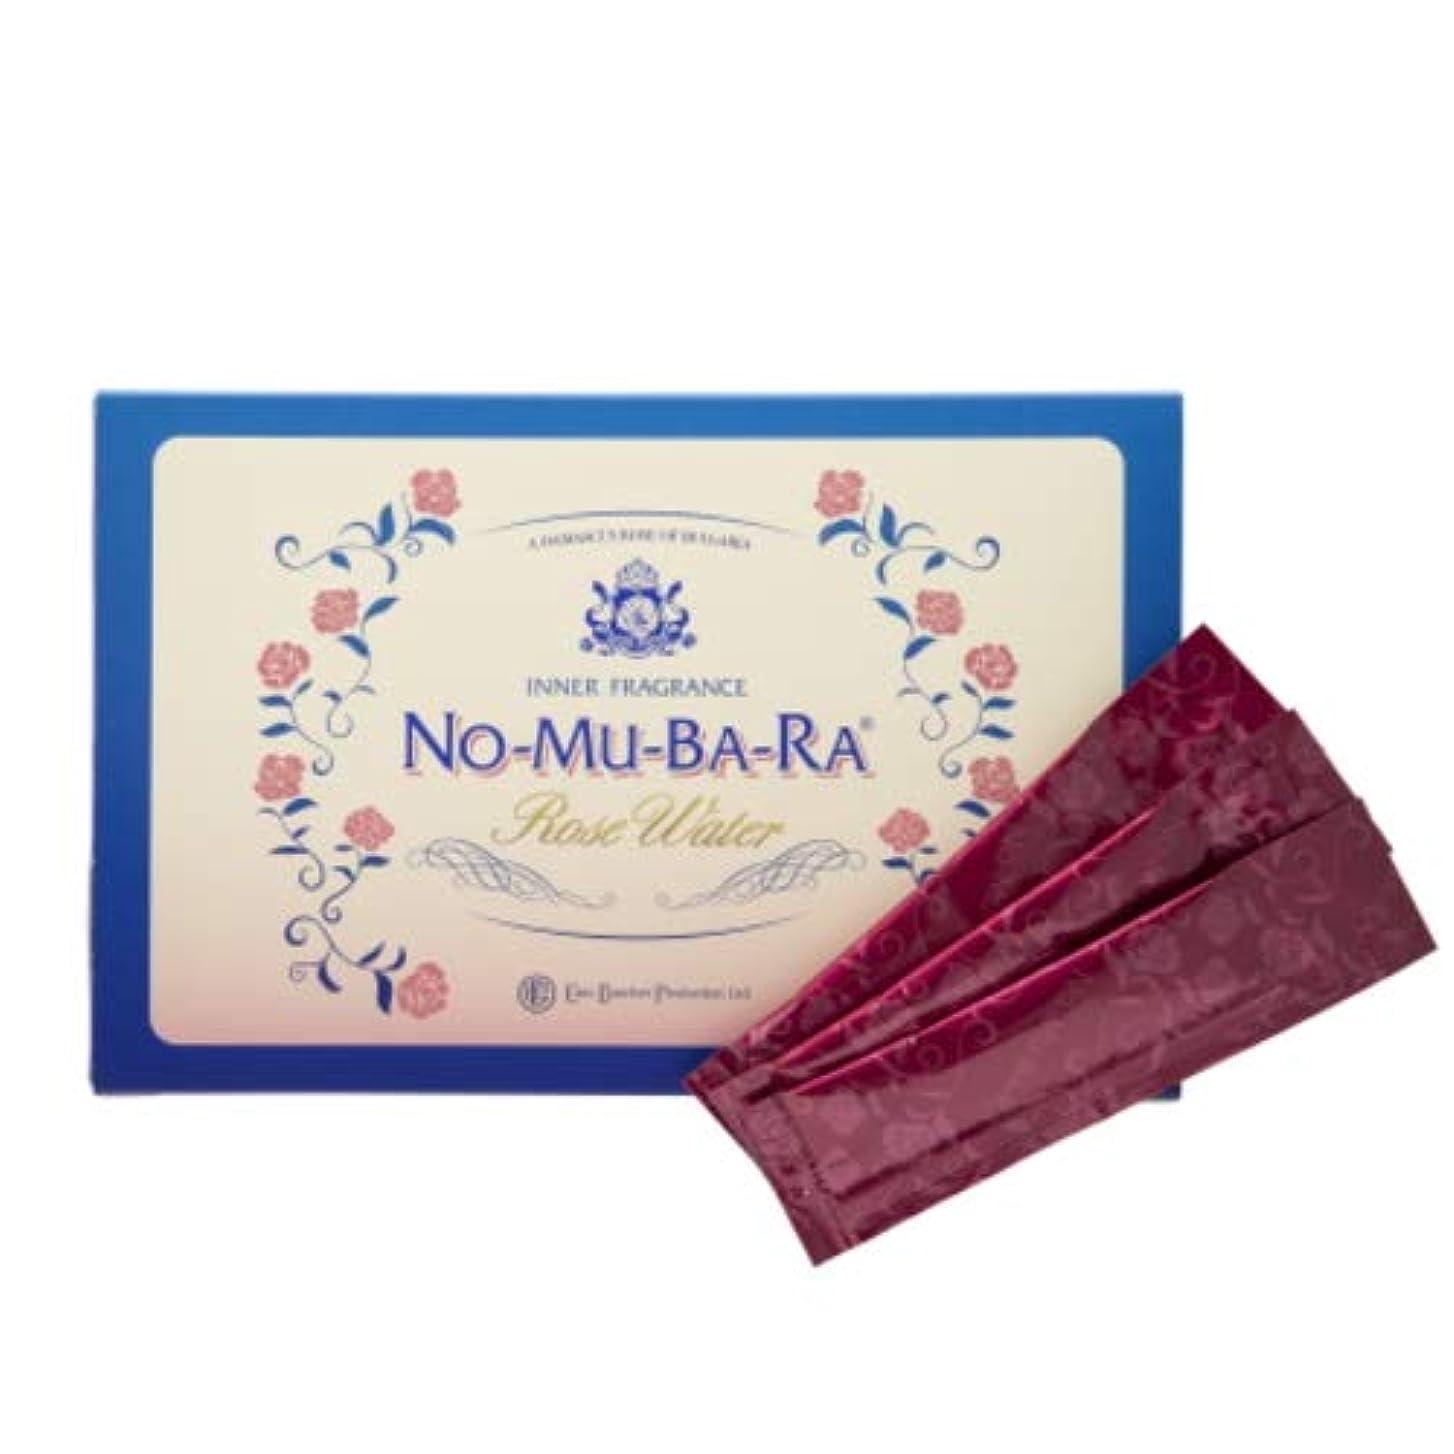 明確なヒューマニスティックダメージNO-MU-BA-RA NO-MU-BA-RA(ノムバラ)(35包入)【モンドセレクション受賞】